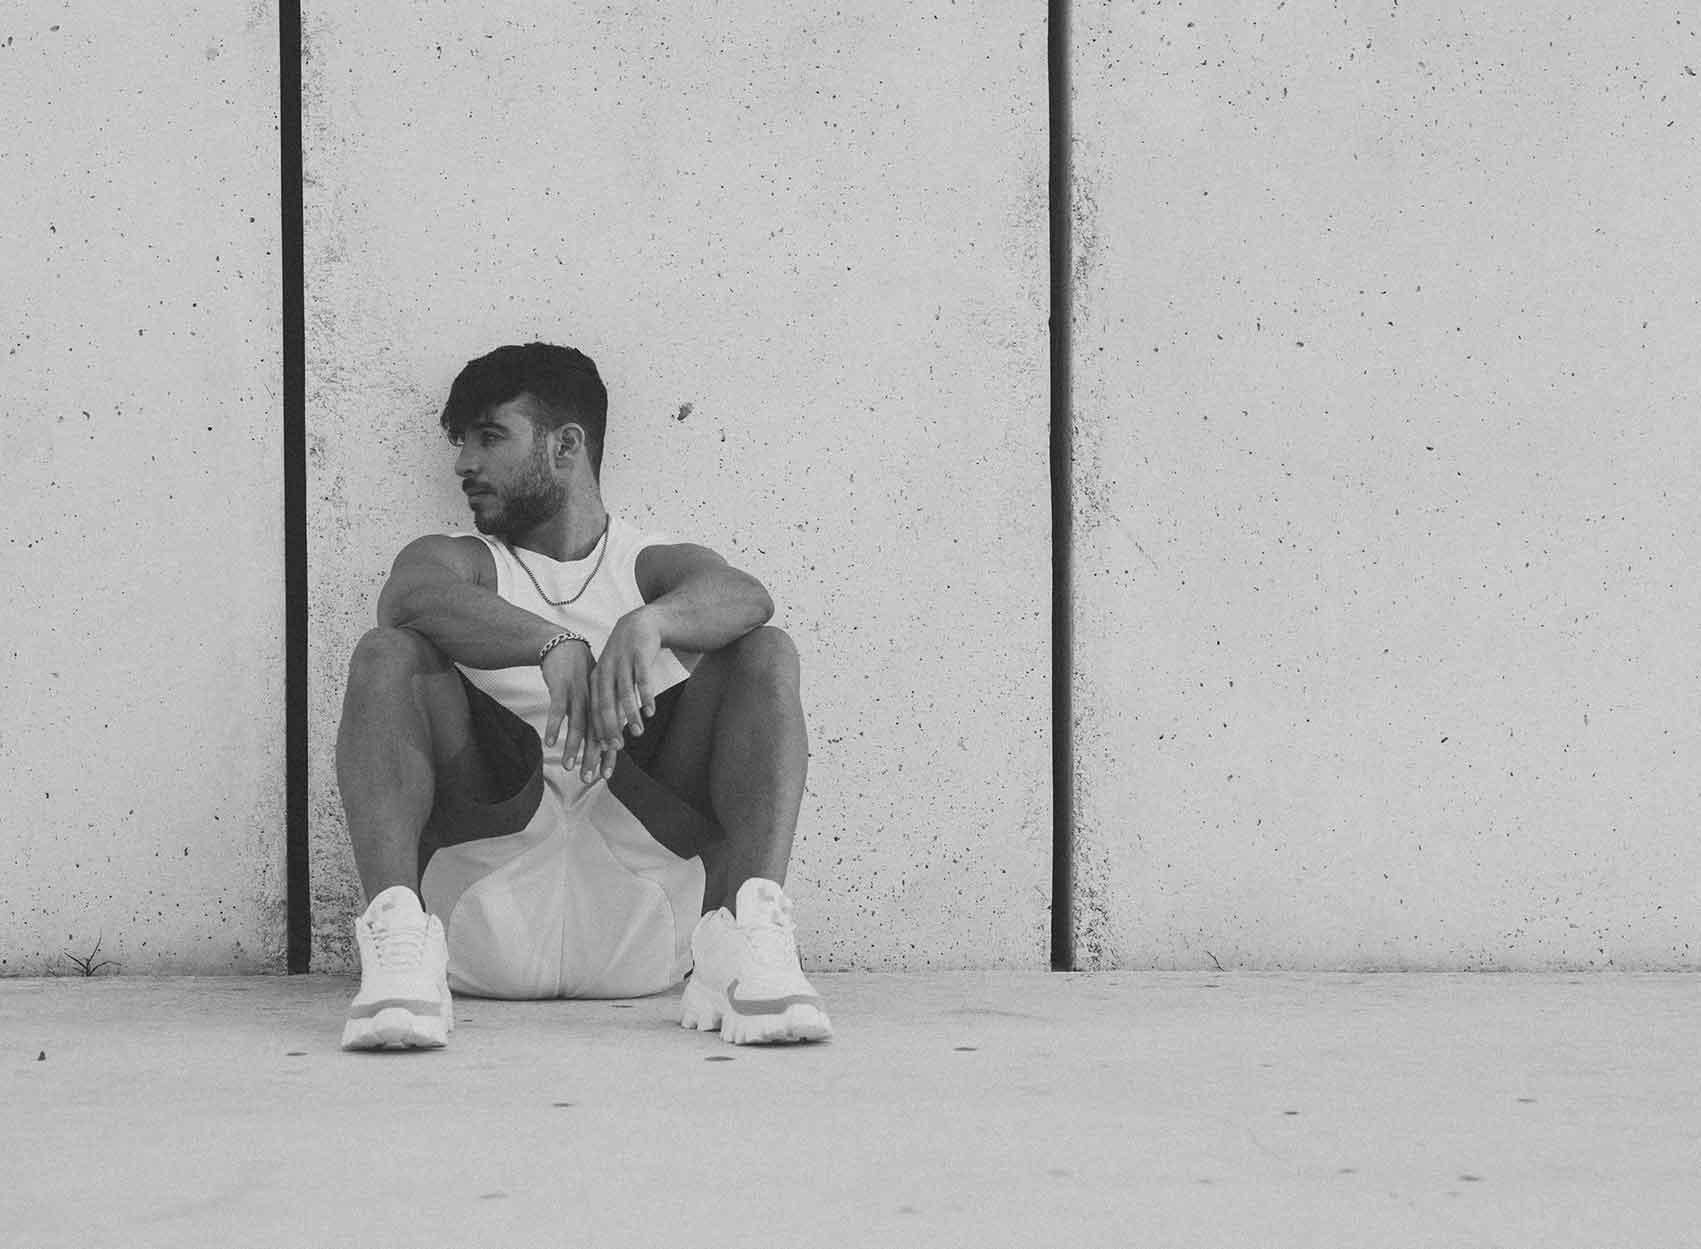 אייל ברקובר - Eyal Berkover, צילום: חן לוי - Chen Levi, מעצב אופנה: תומר סטולבוב - Tomer Stolbov-אופנה-ישראלית